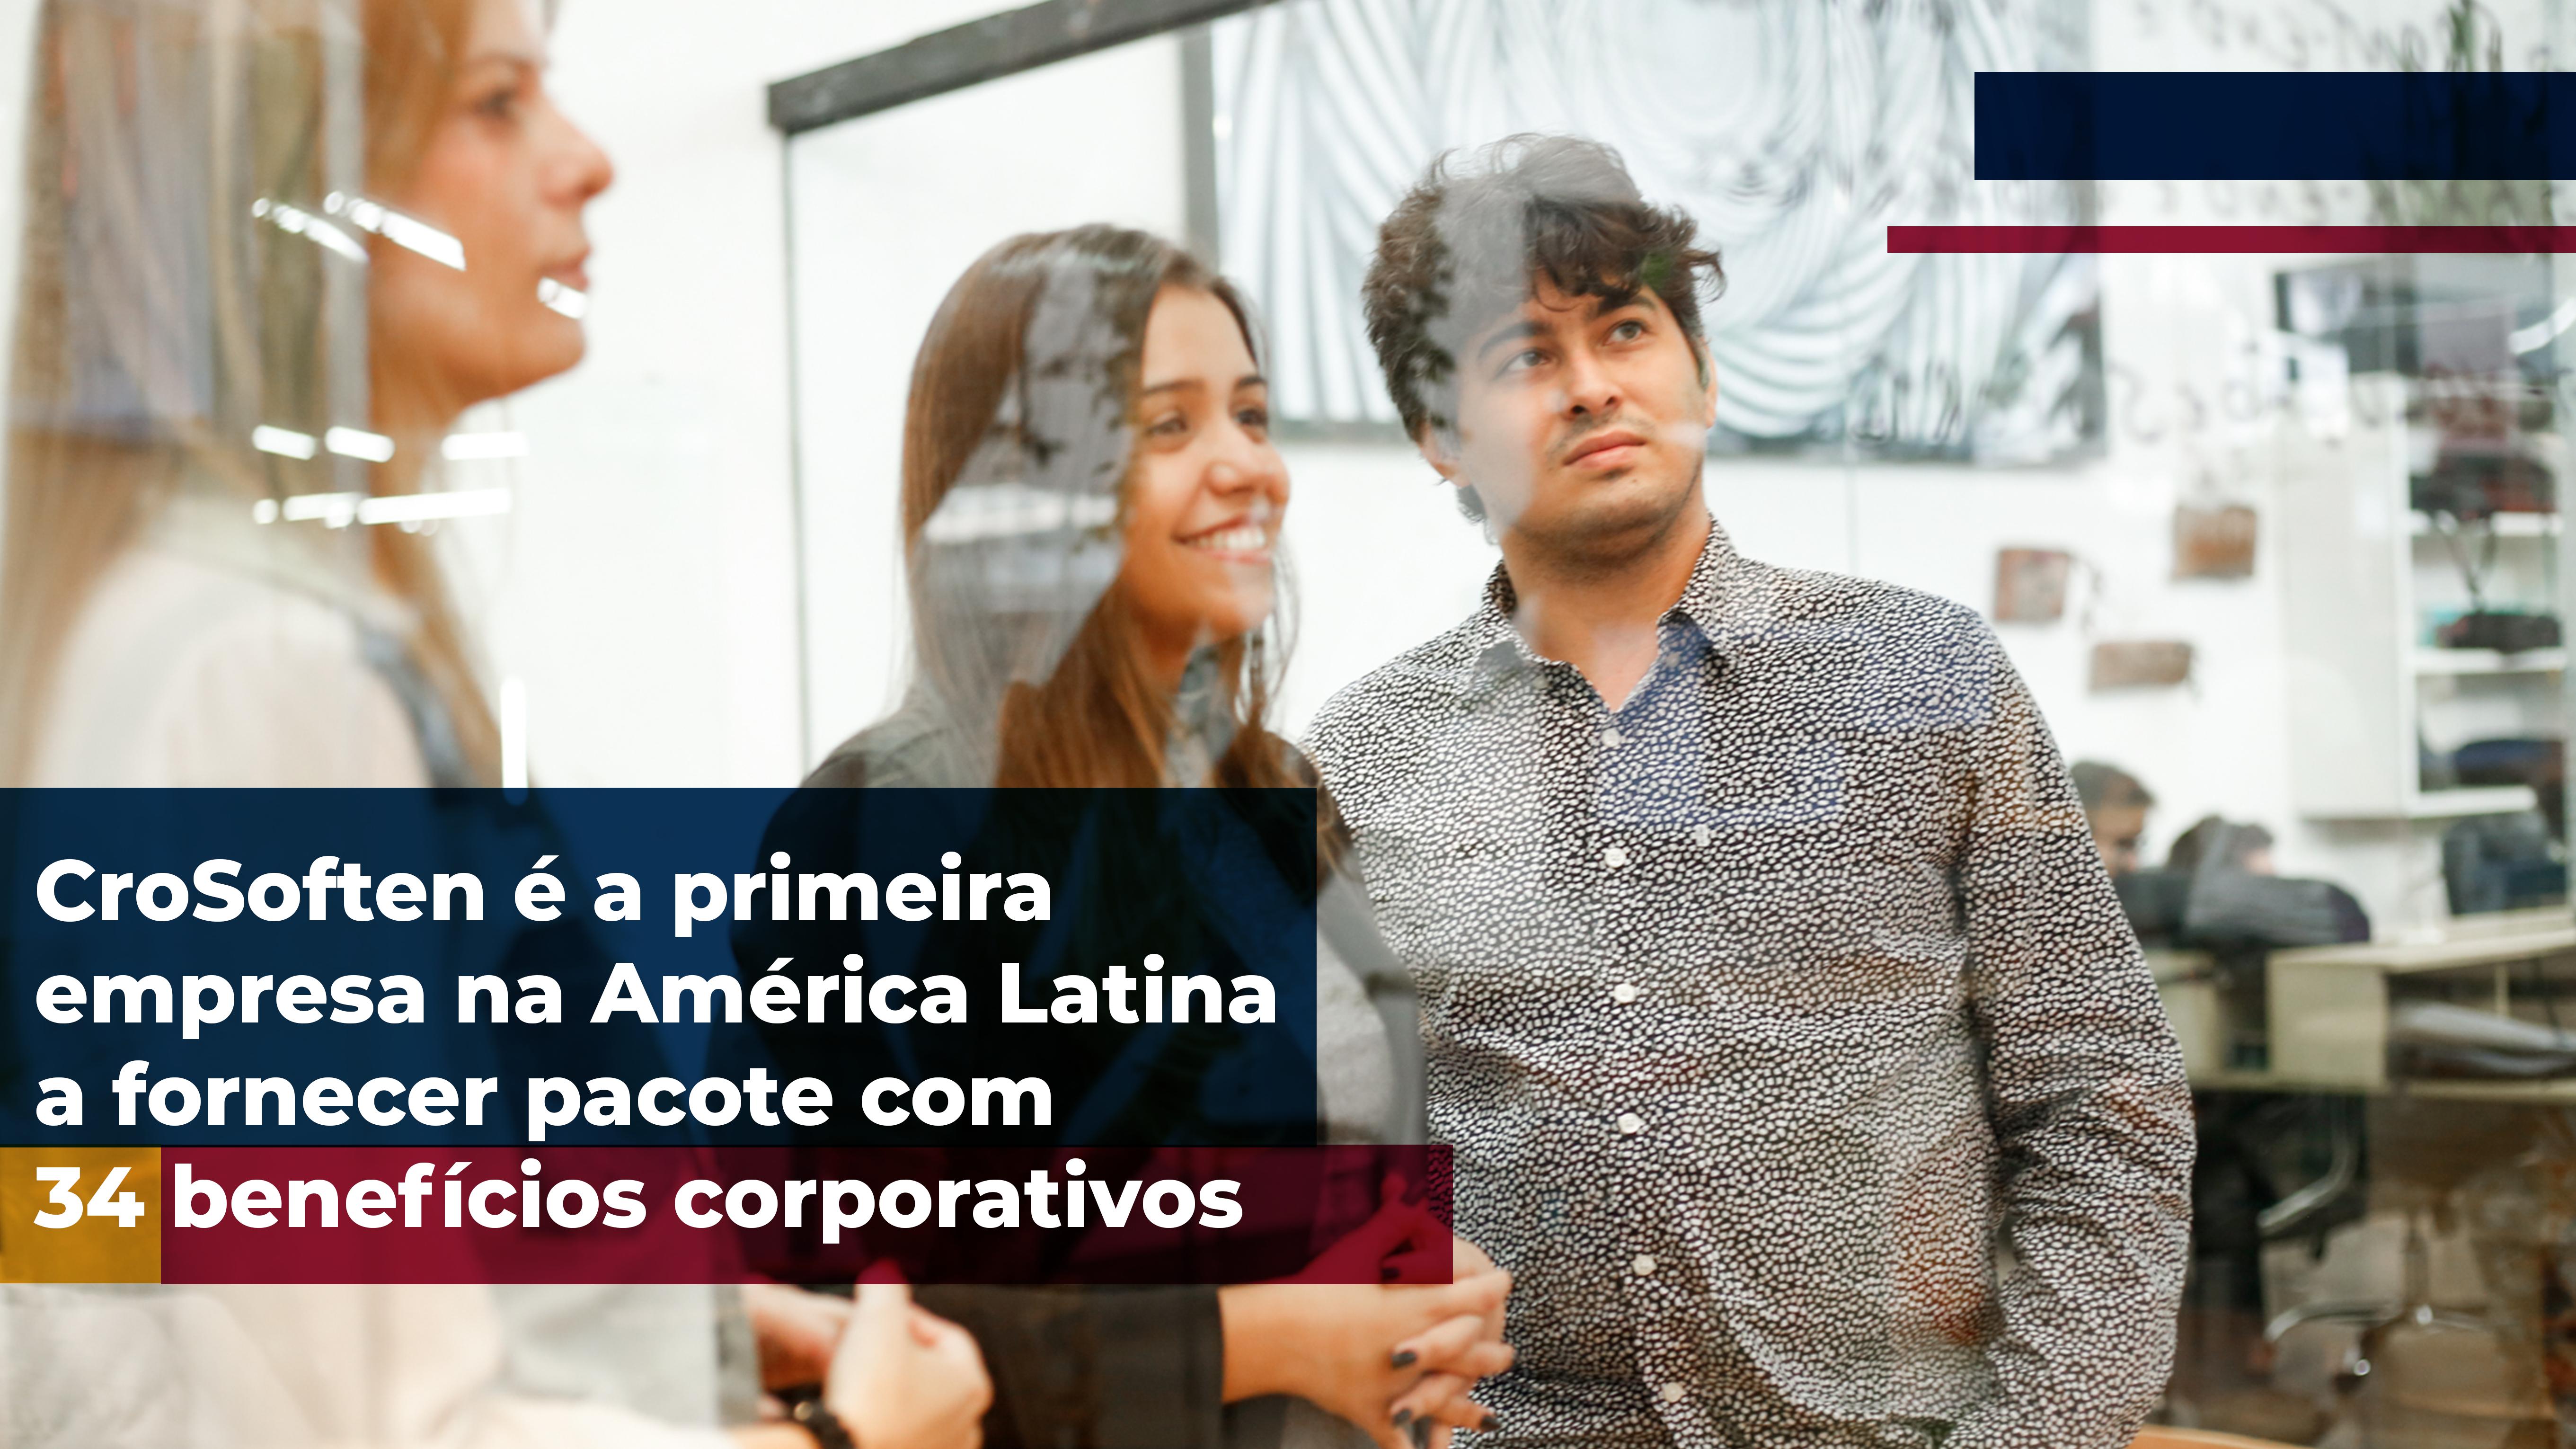 CroSoften é a primeira empresa na América Latina a fornecer pacote com 34 benefícios para seus colaboradores